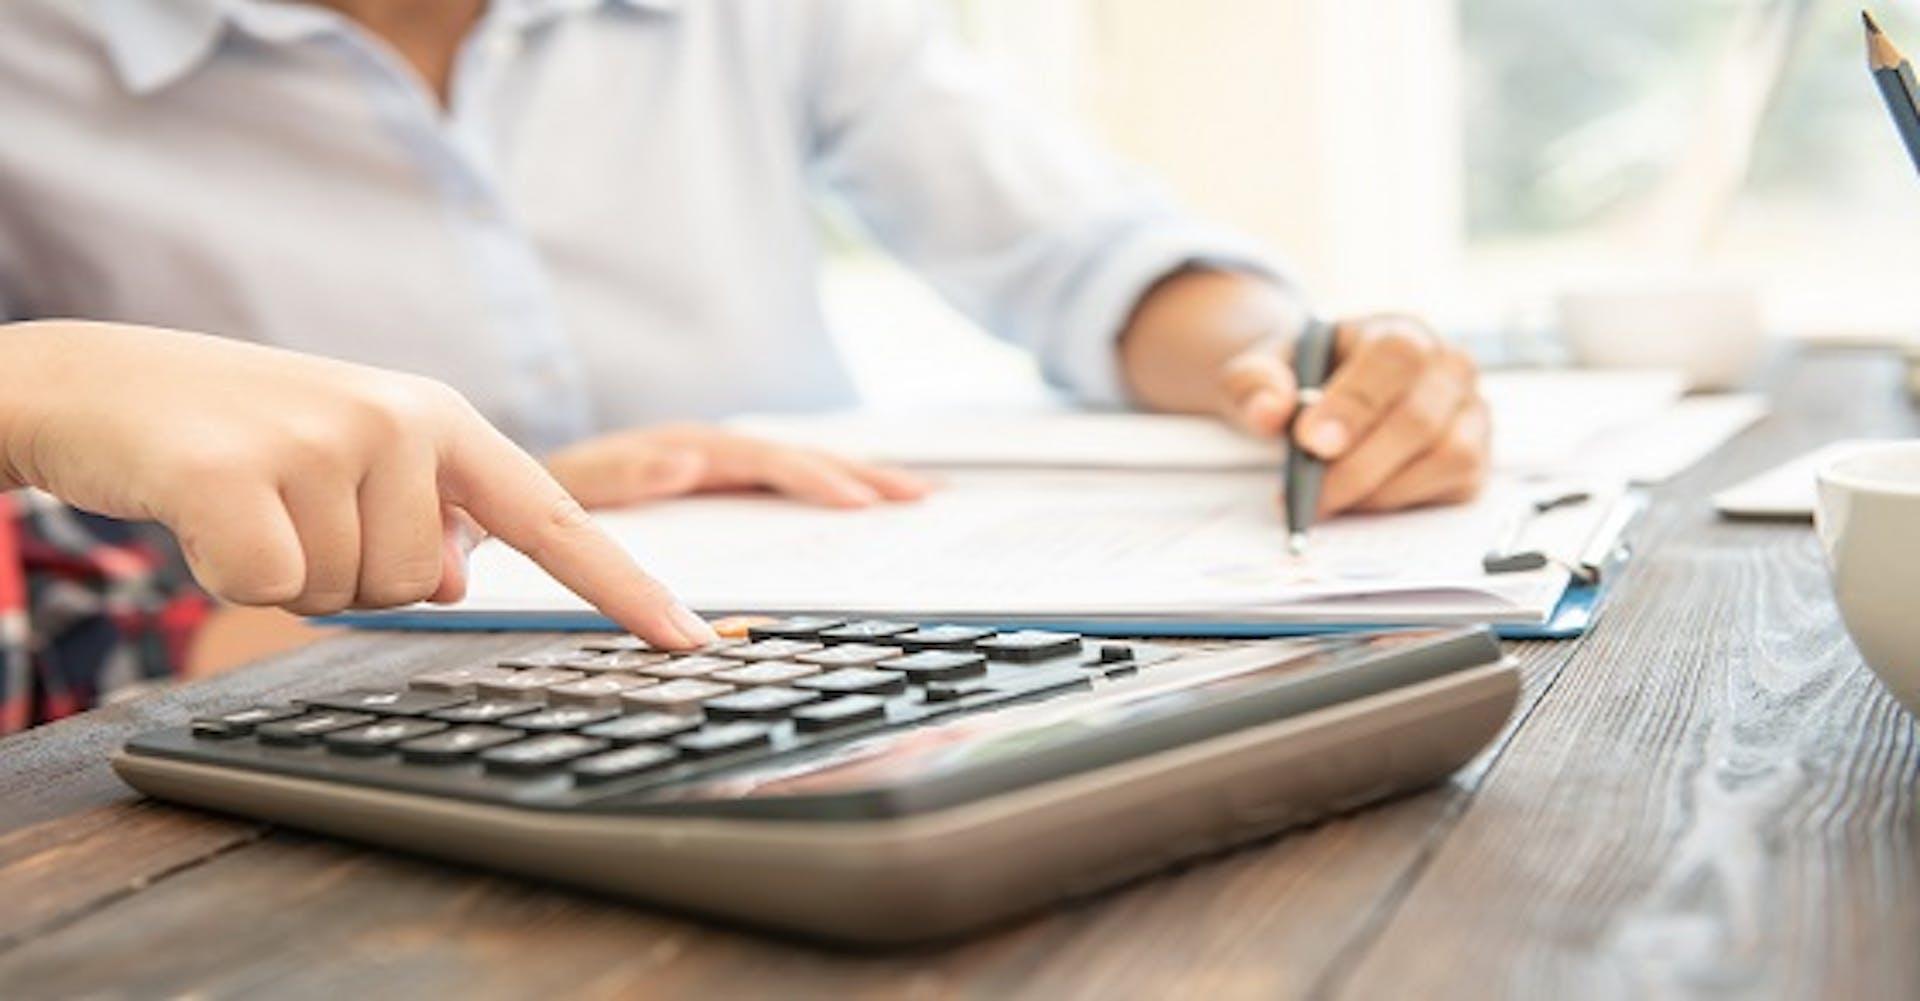 Administrar un negocio con Excel: ¡estas plantillas son la clave!